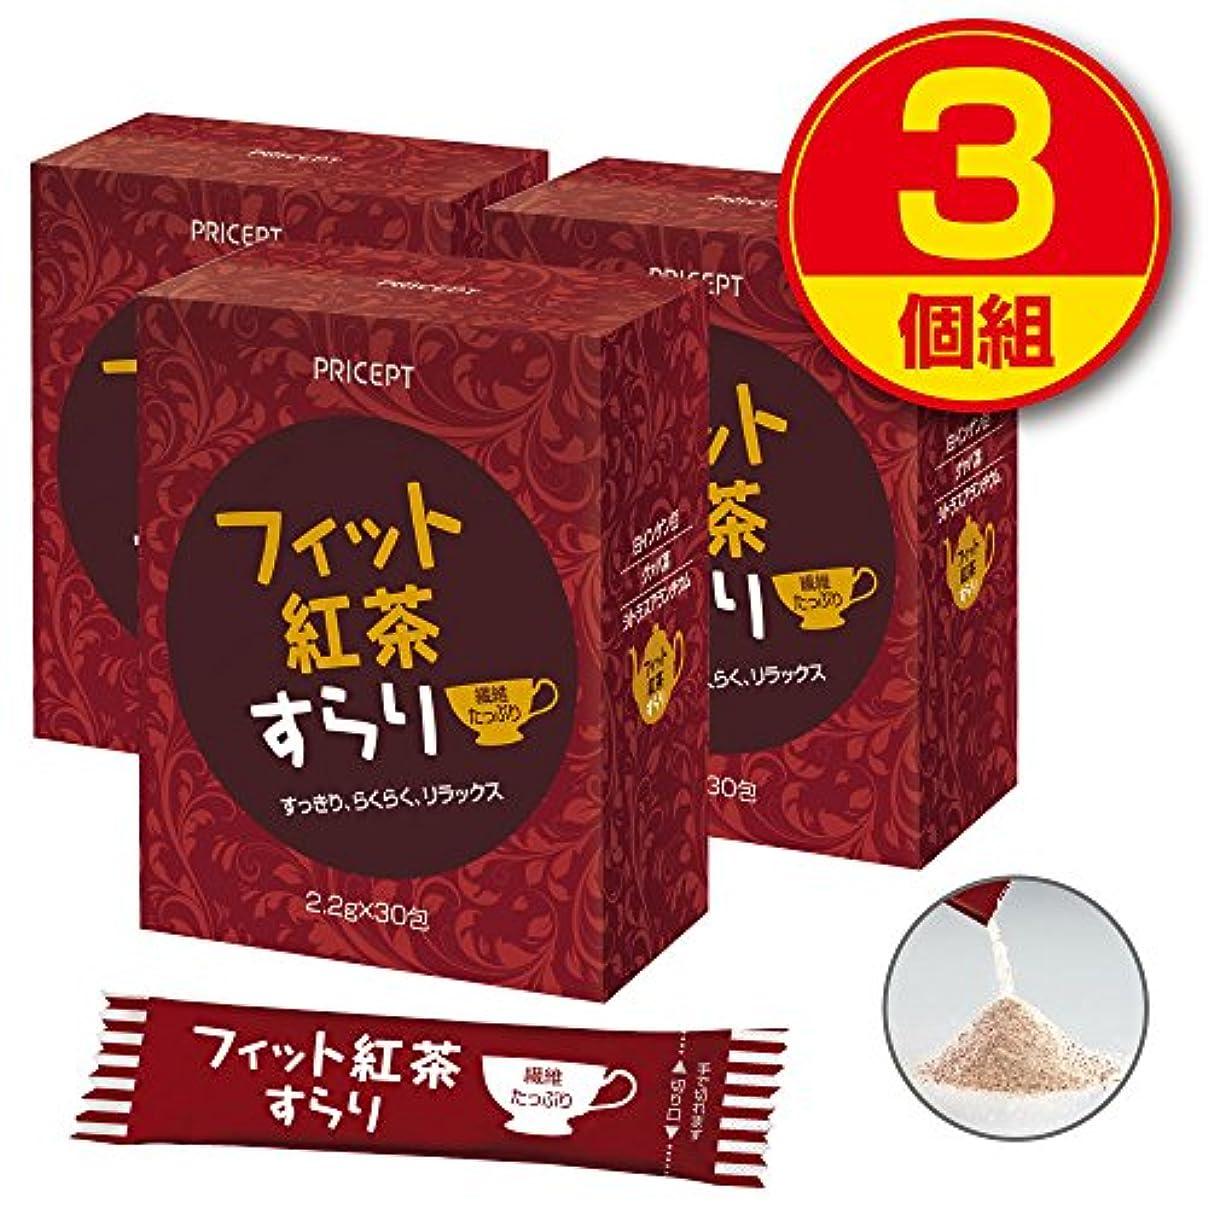 疫病両方華氏プリセプト フィット紅茶すらり(30包)【3個組?90包】(食物繊維配合ダイエットサポート紅茶)